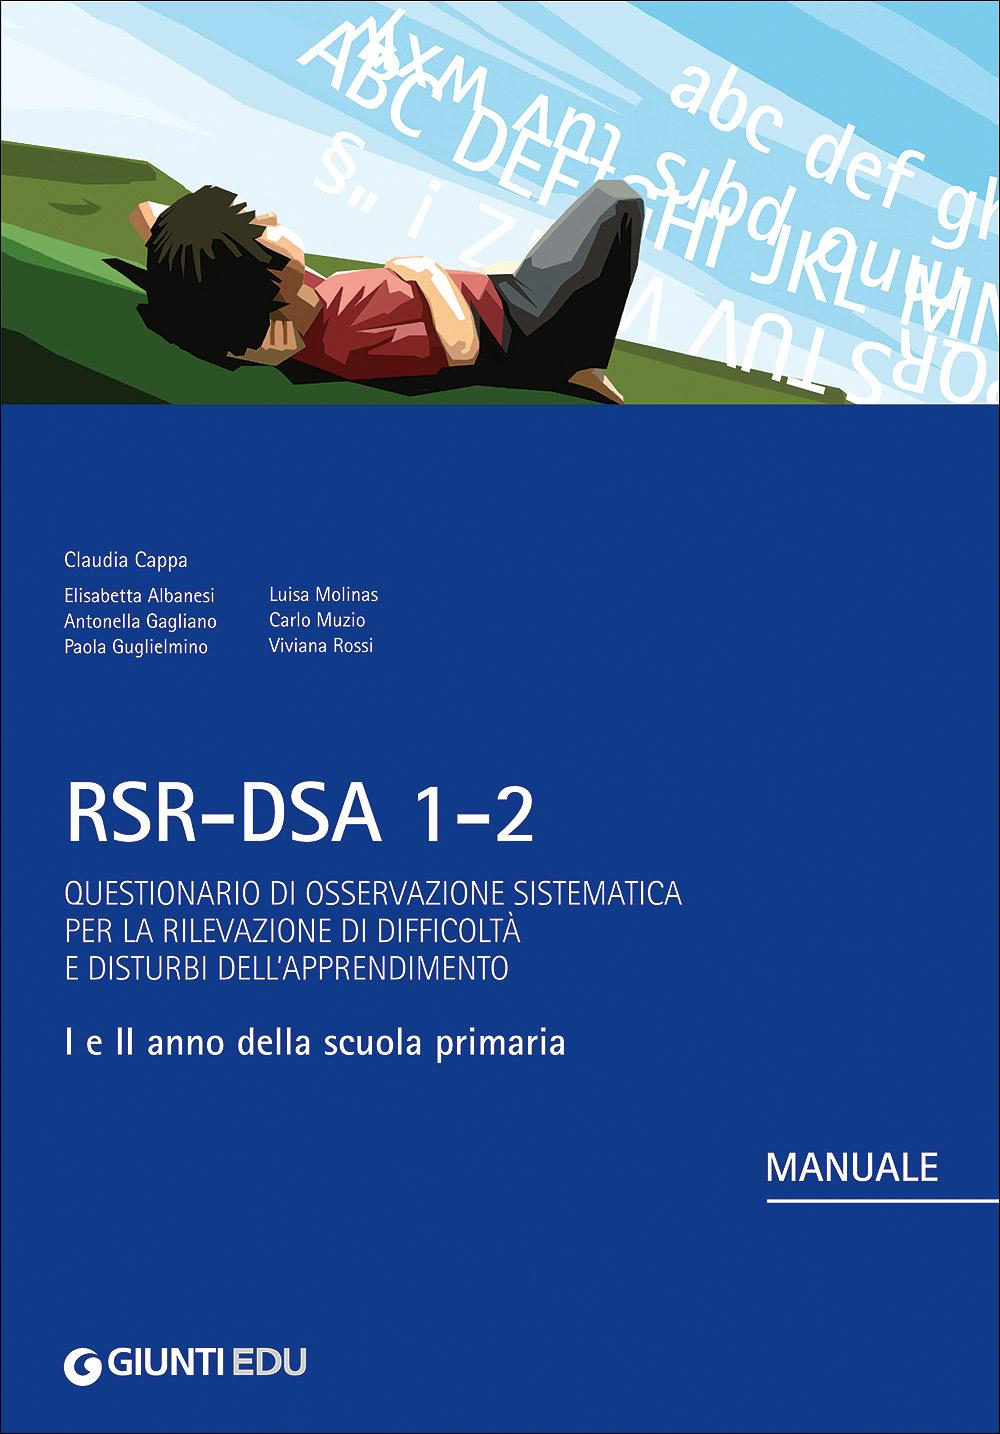 RSR-DSA 1-2 - Ricariche questionari insegnanti + genitori